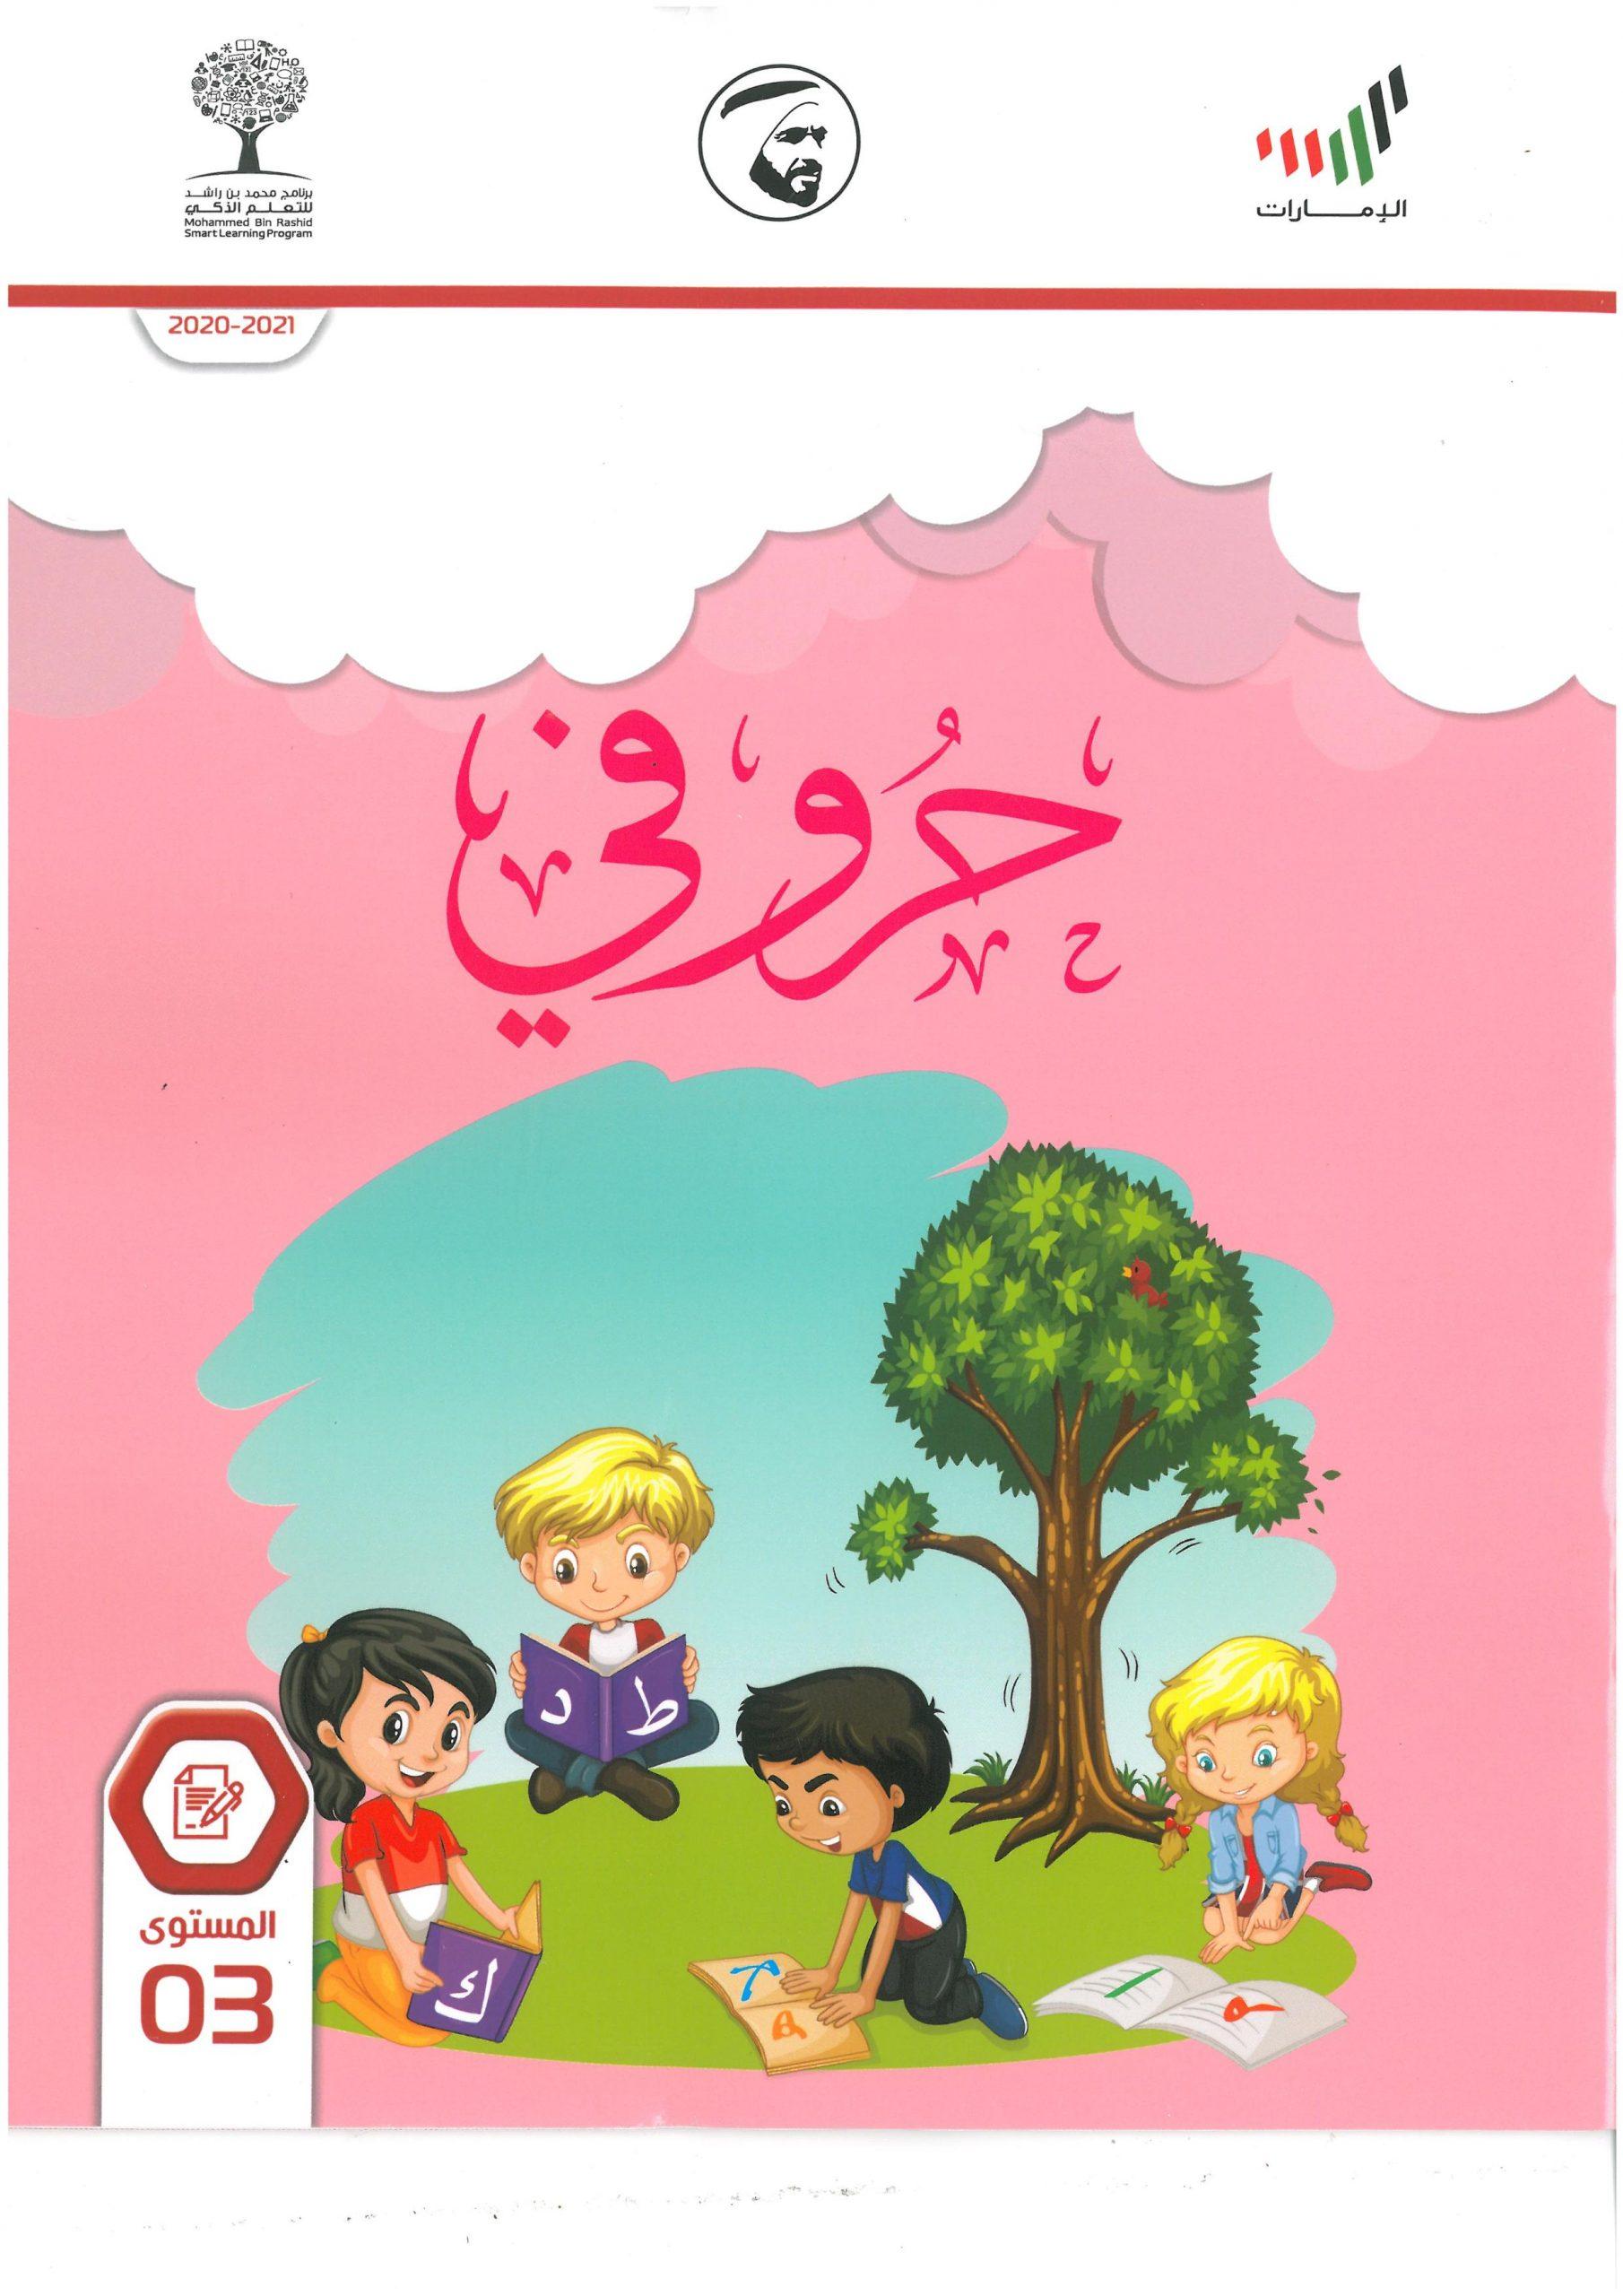 كتاب حروفي المستوى 2020-2021 الصف الثالث مادة اللغة العربية